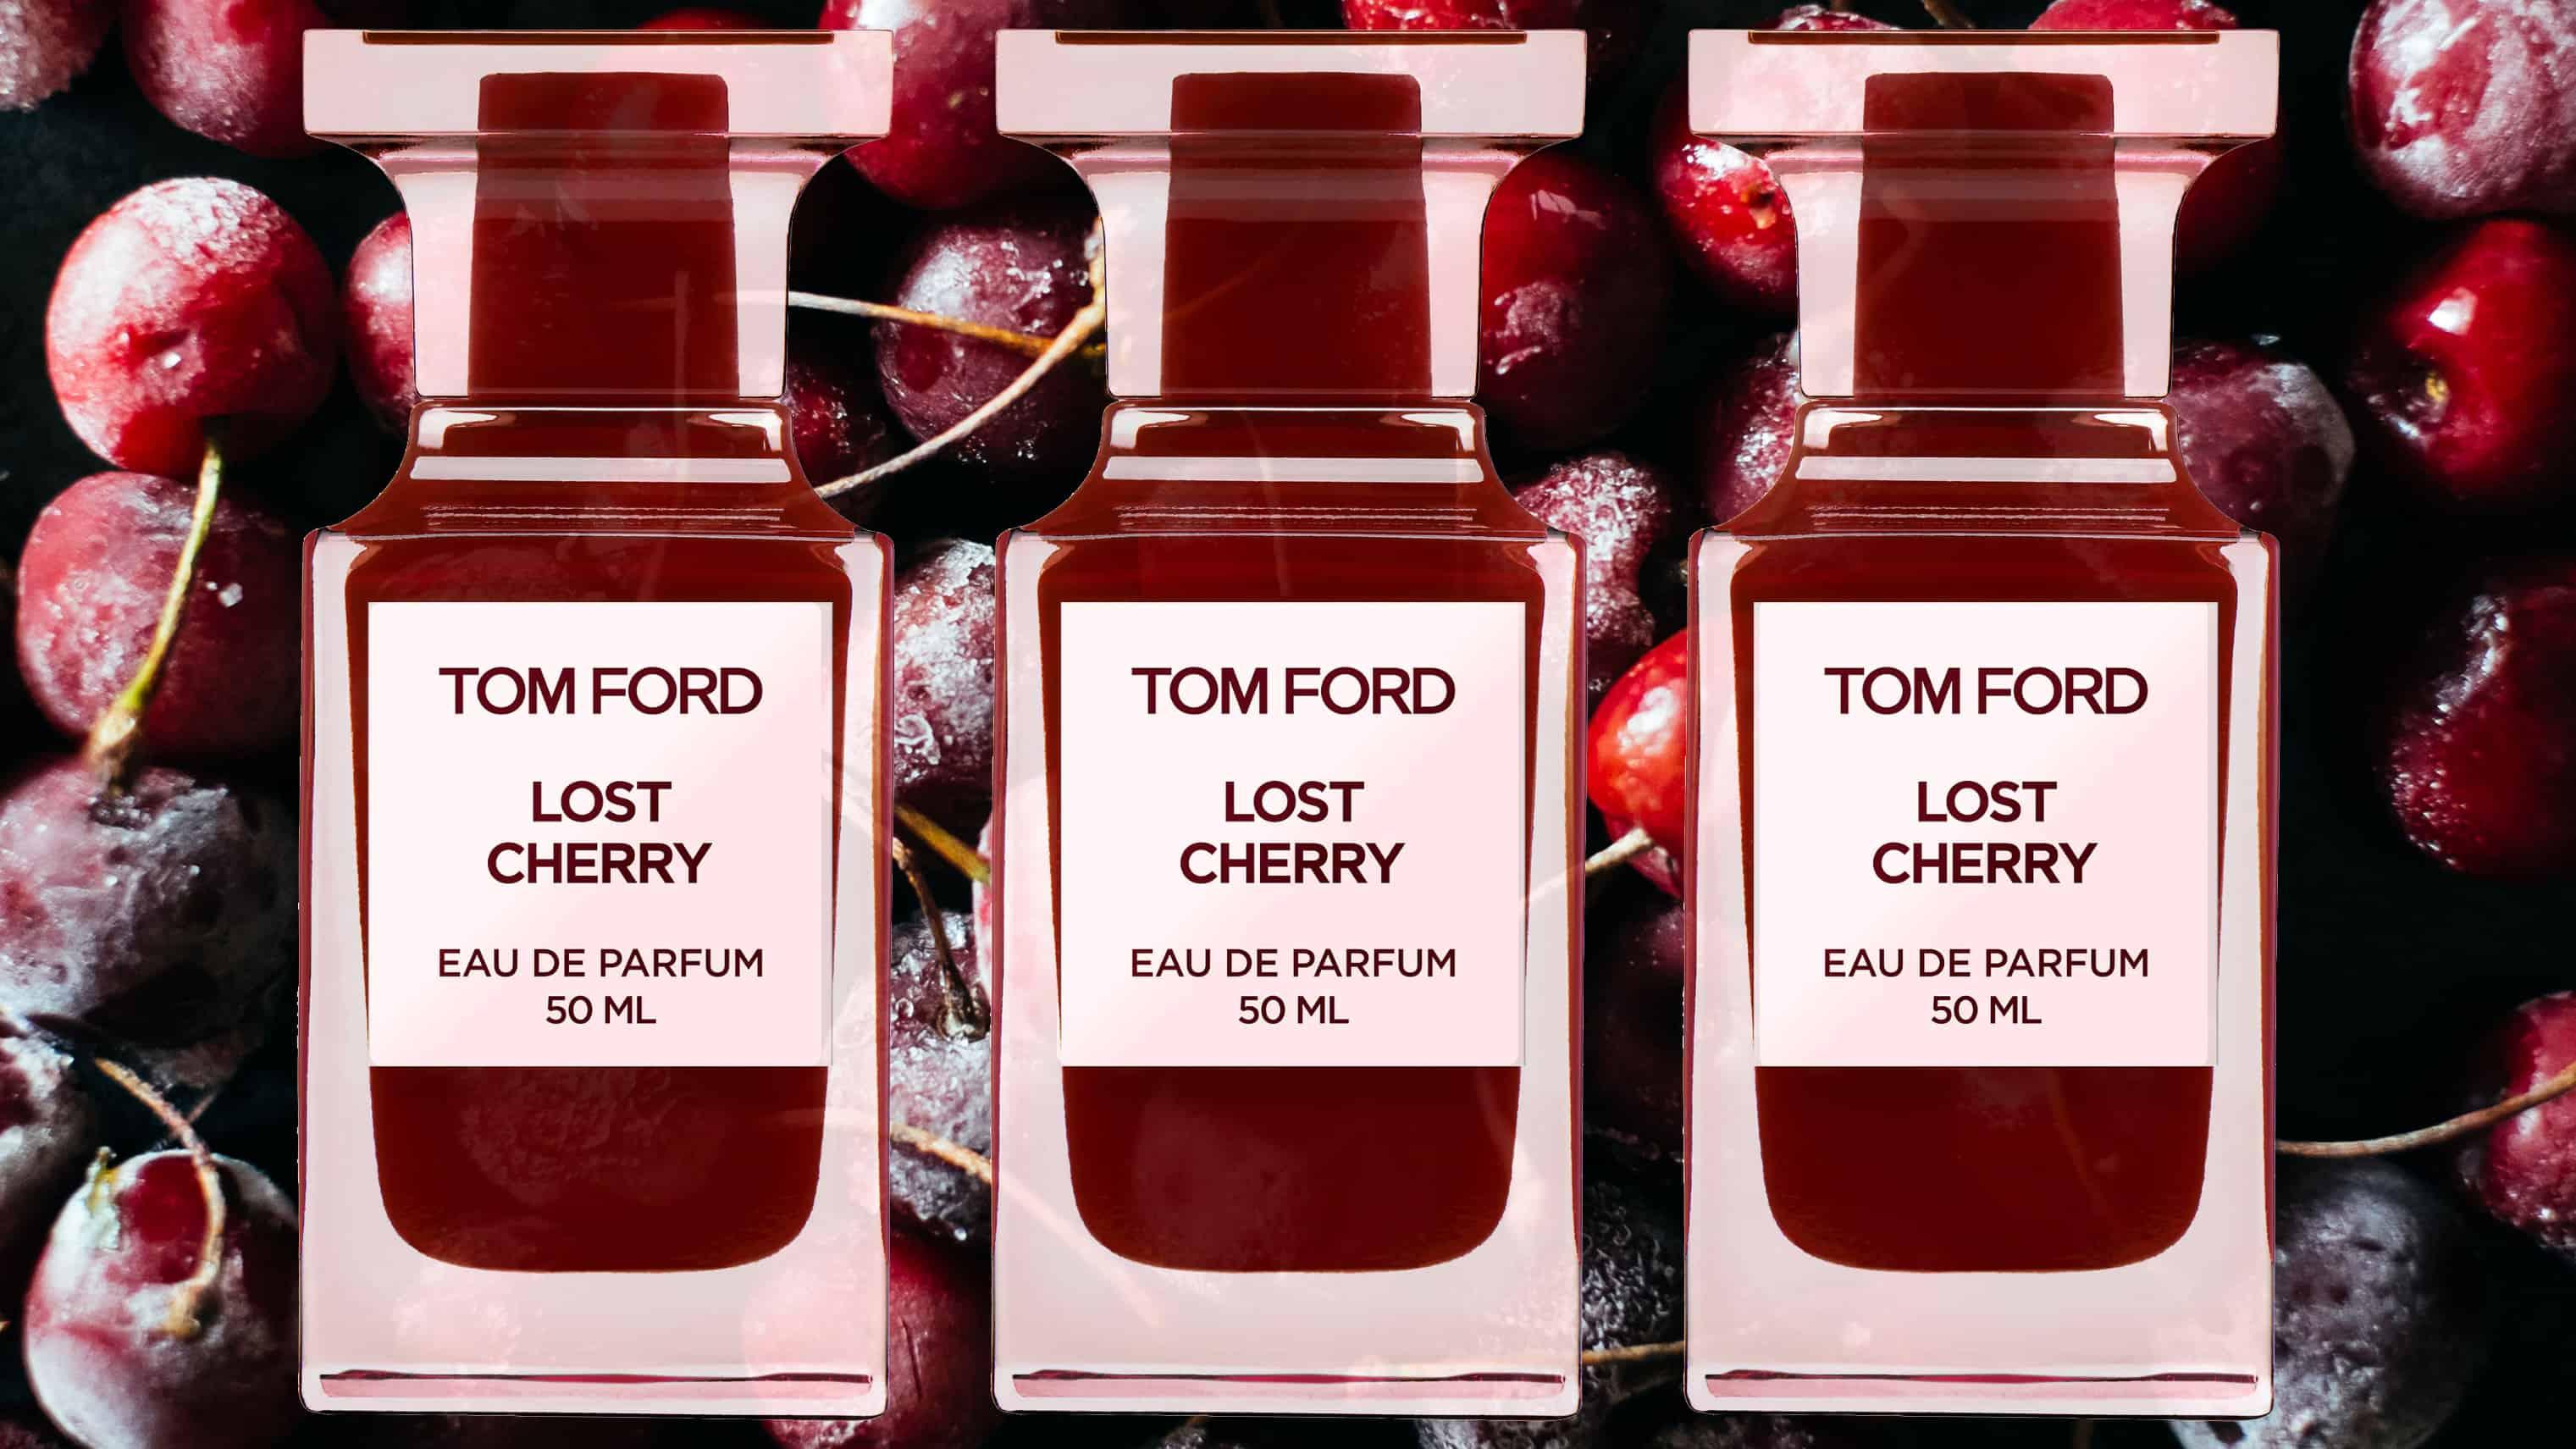 Том форд косметика купить в москве магазины адреса eau de toilette avon